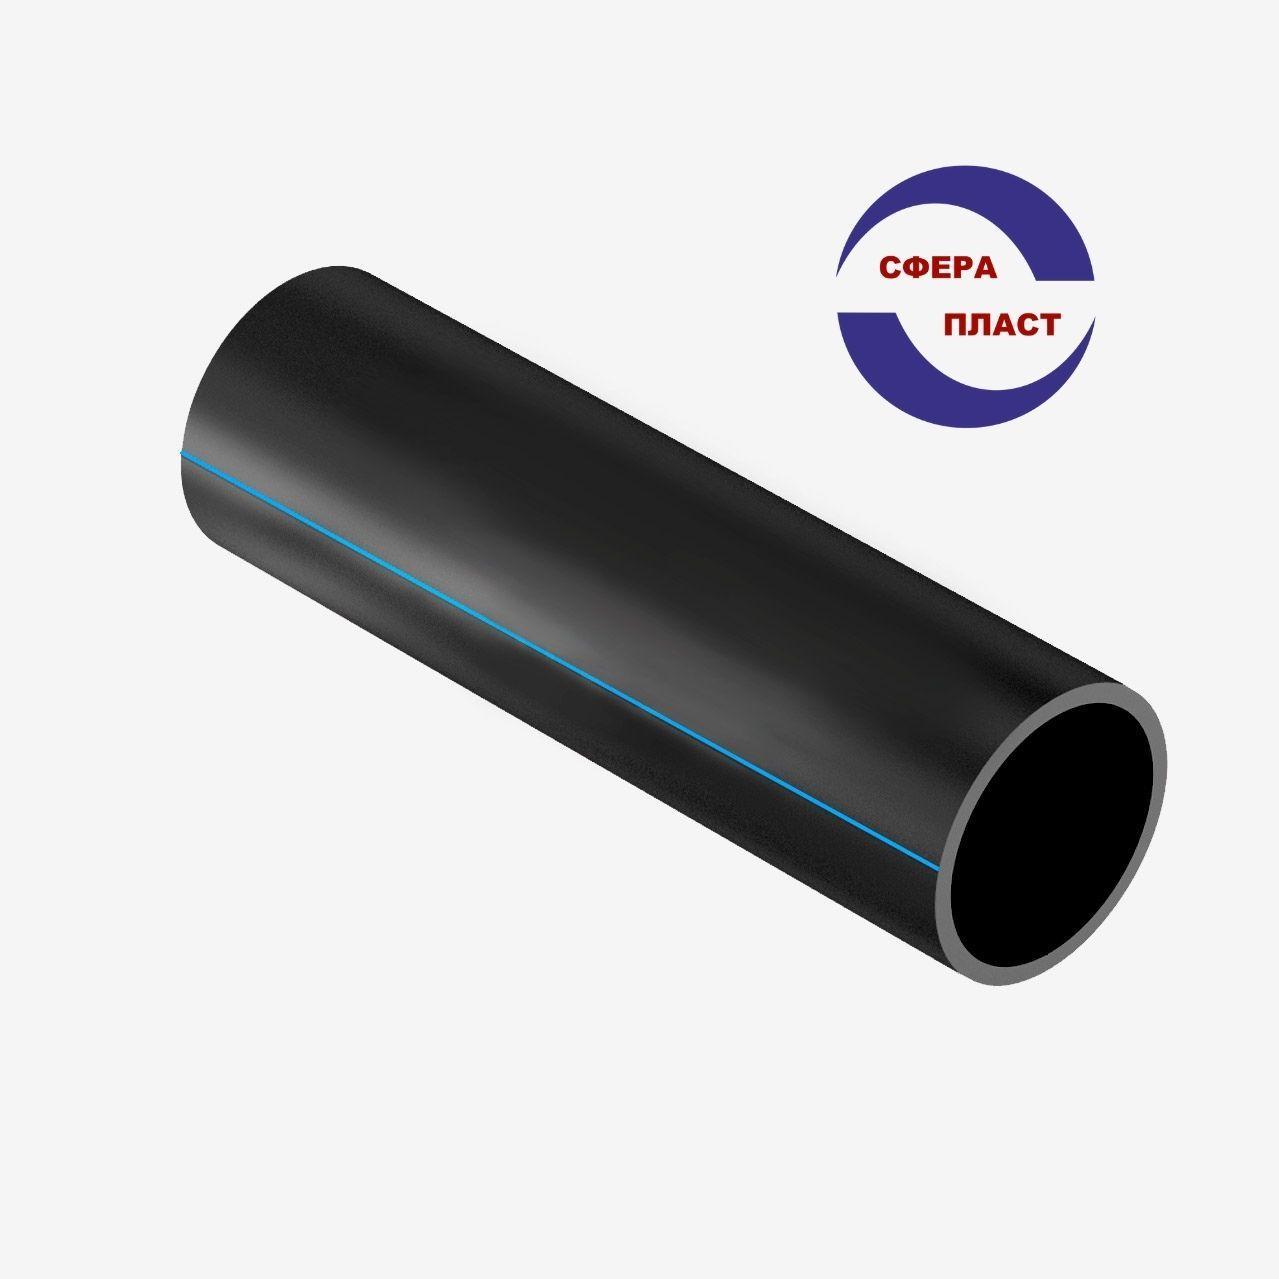 Труба полиэтиленовая ПЭ-100 Ду-630x37,4 SDR17 (10 атм)